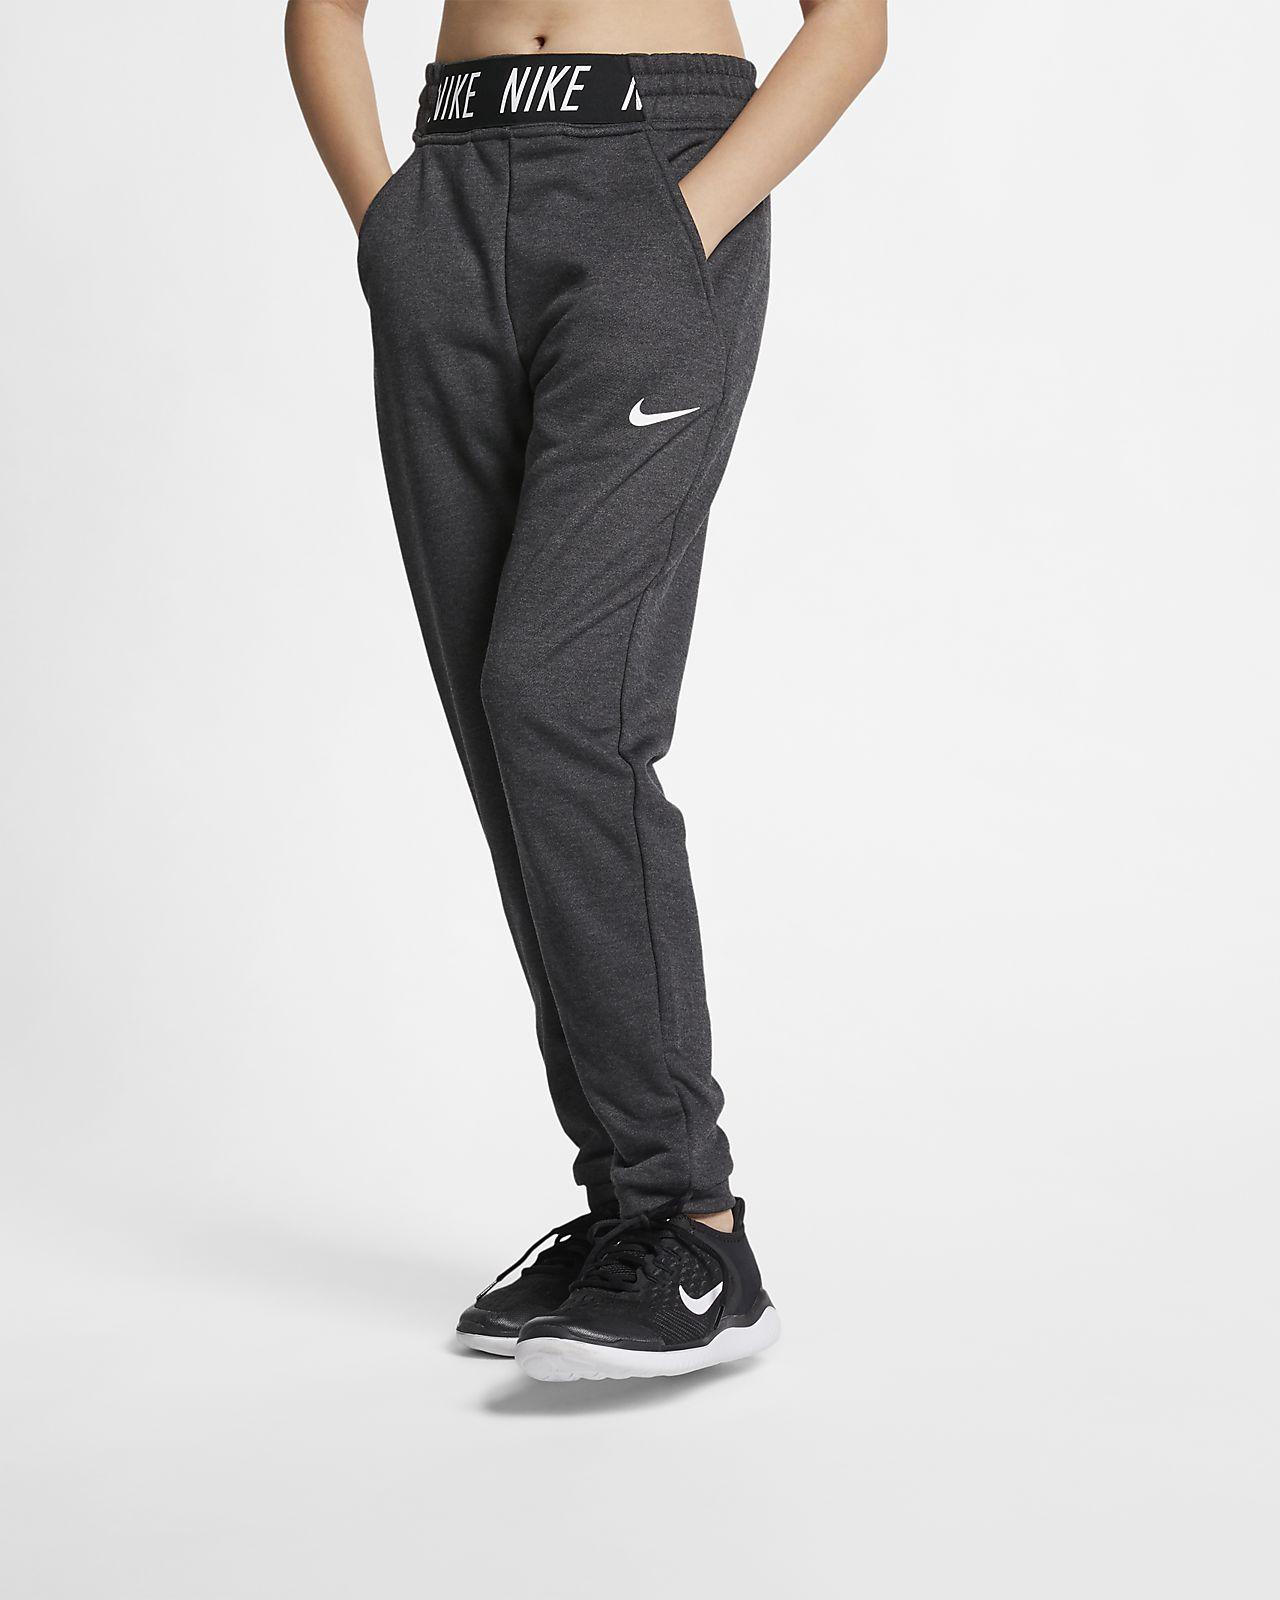 Träningsbyxor Nike för ungdom (tjejer)